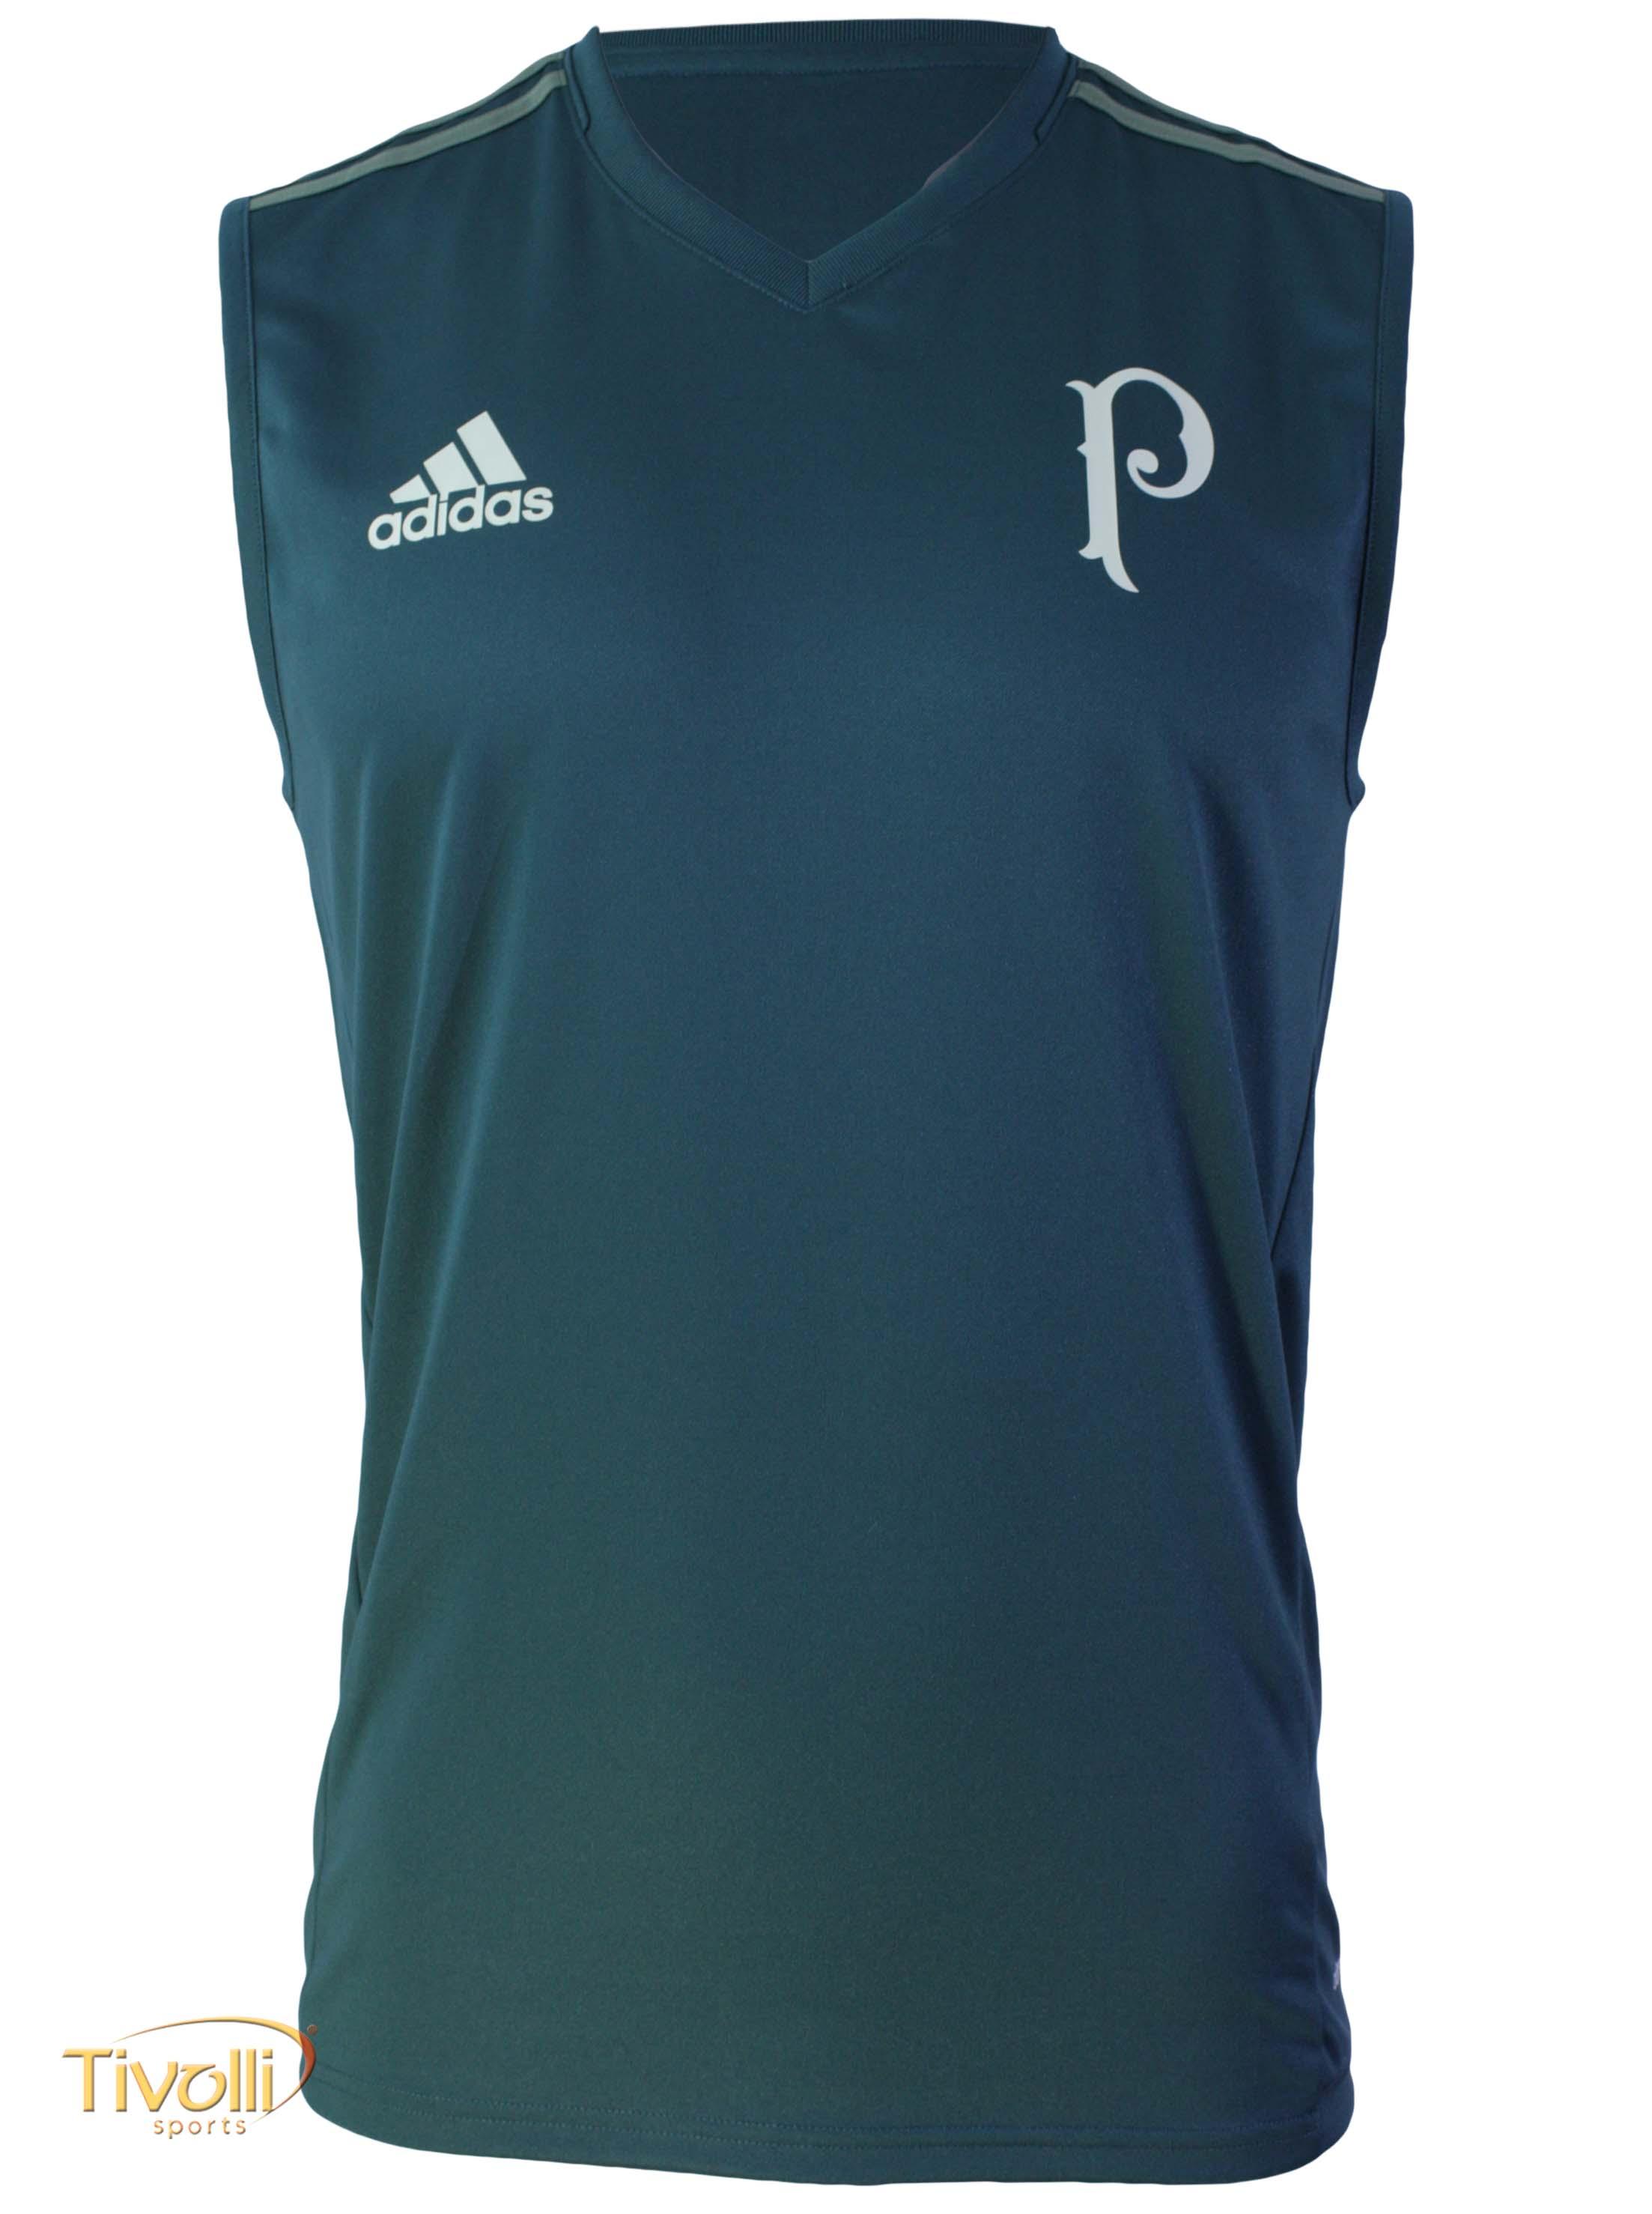 89d187e728 Camiseta regata Palmeiras Retrô Adidas